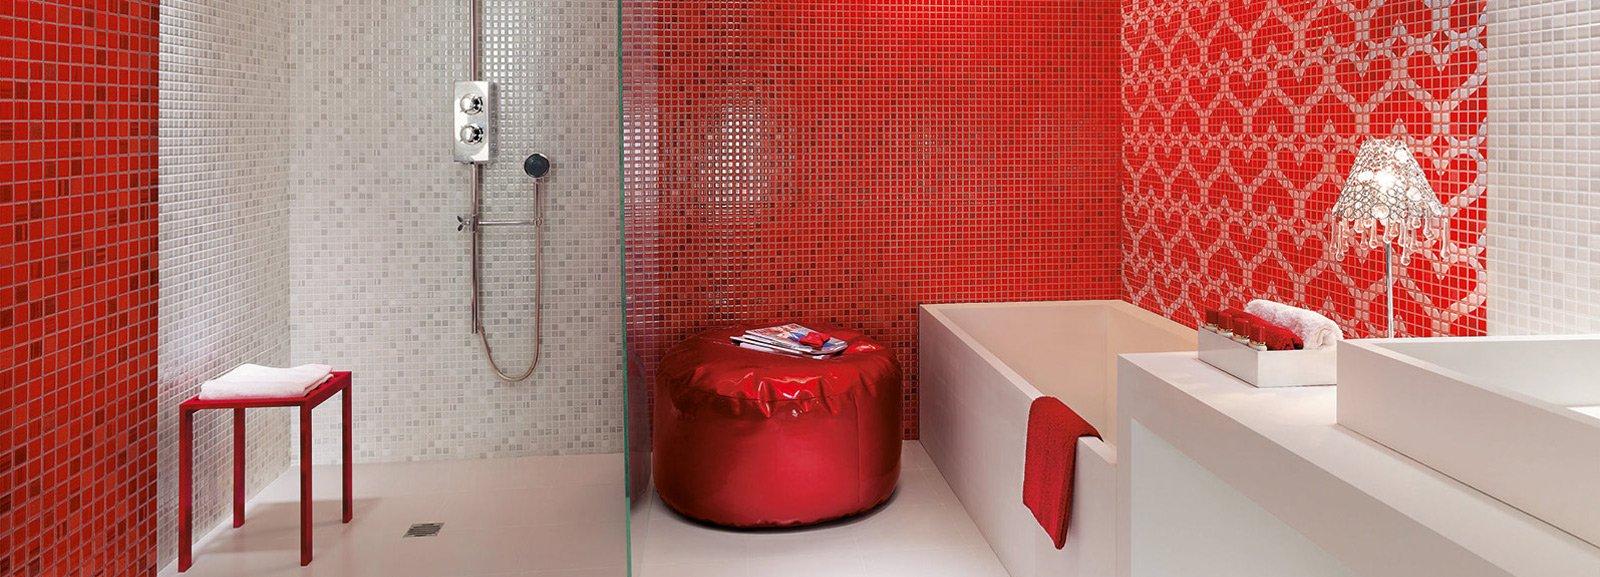 Bagno rosso per piastrelle sanitari complementi cose - Rivestimenti per bagno piccolo ...